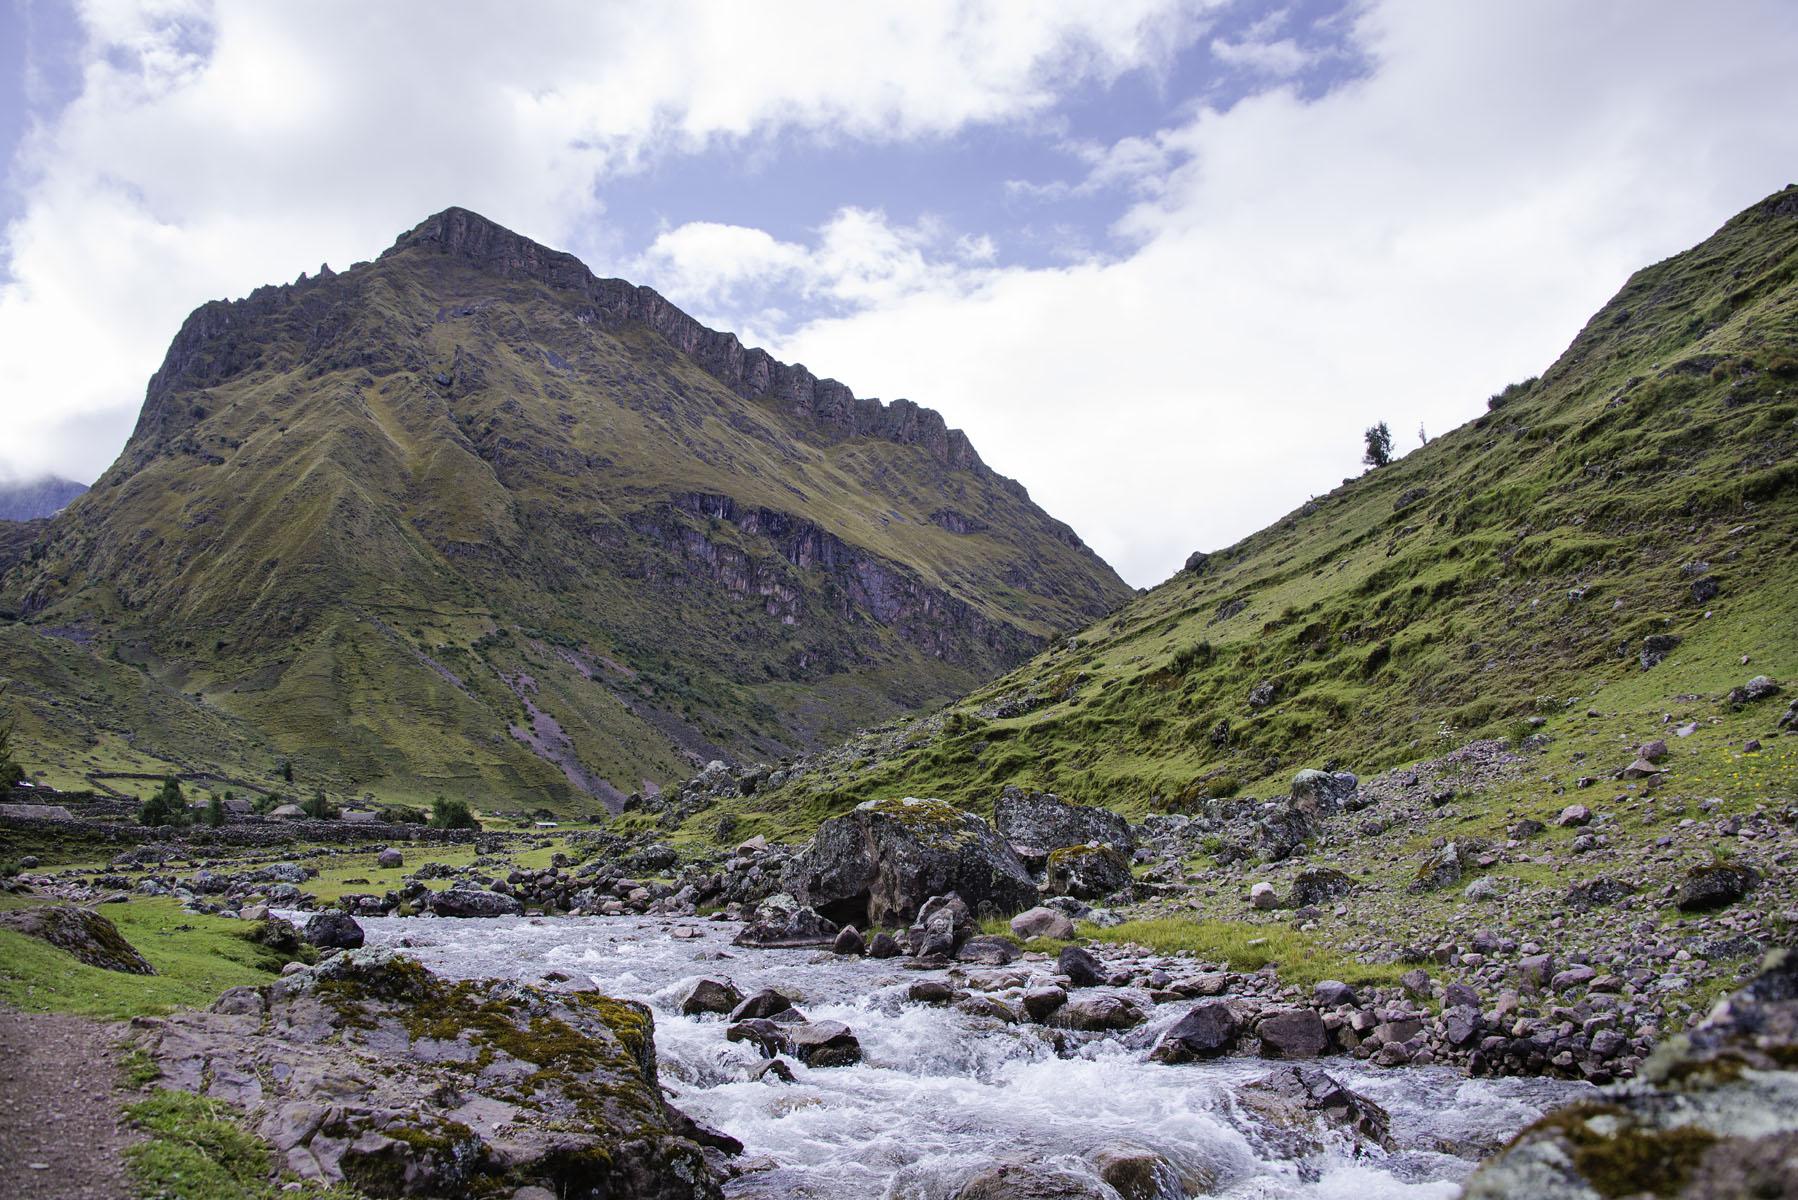 379-Peru-5-15_web.jpg